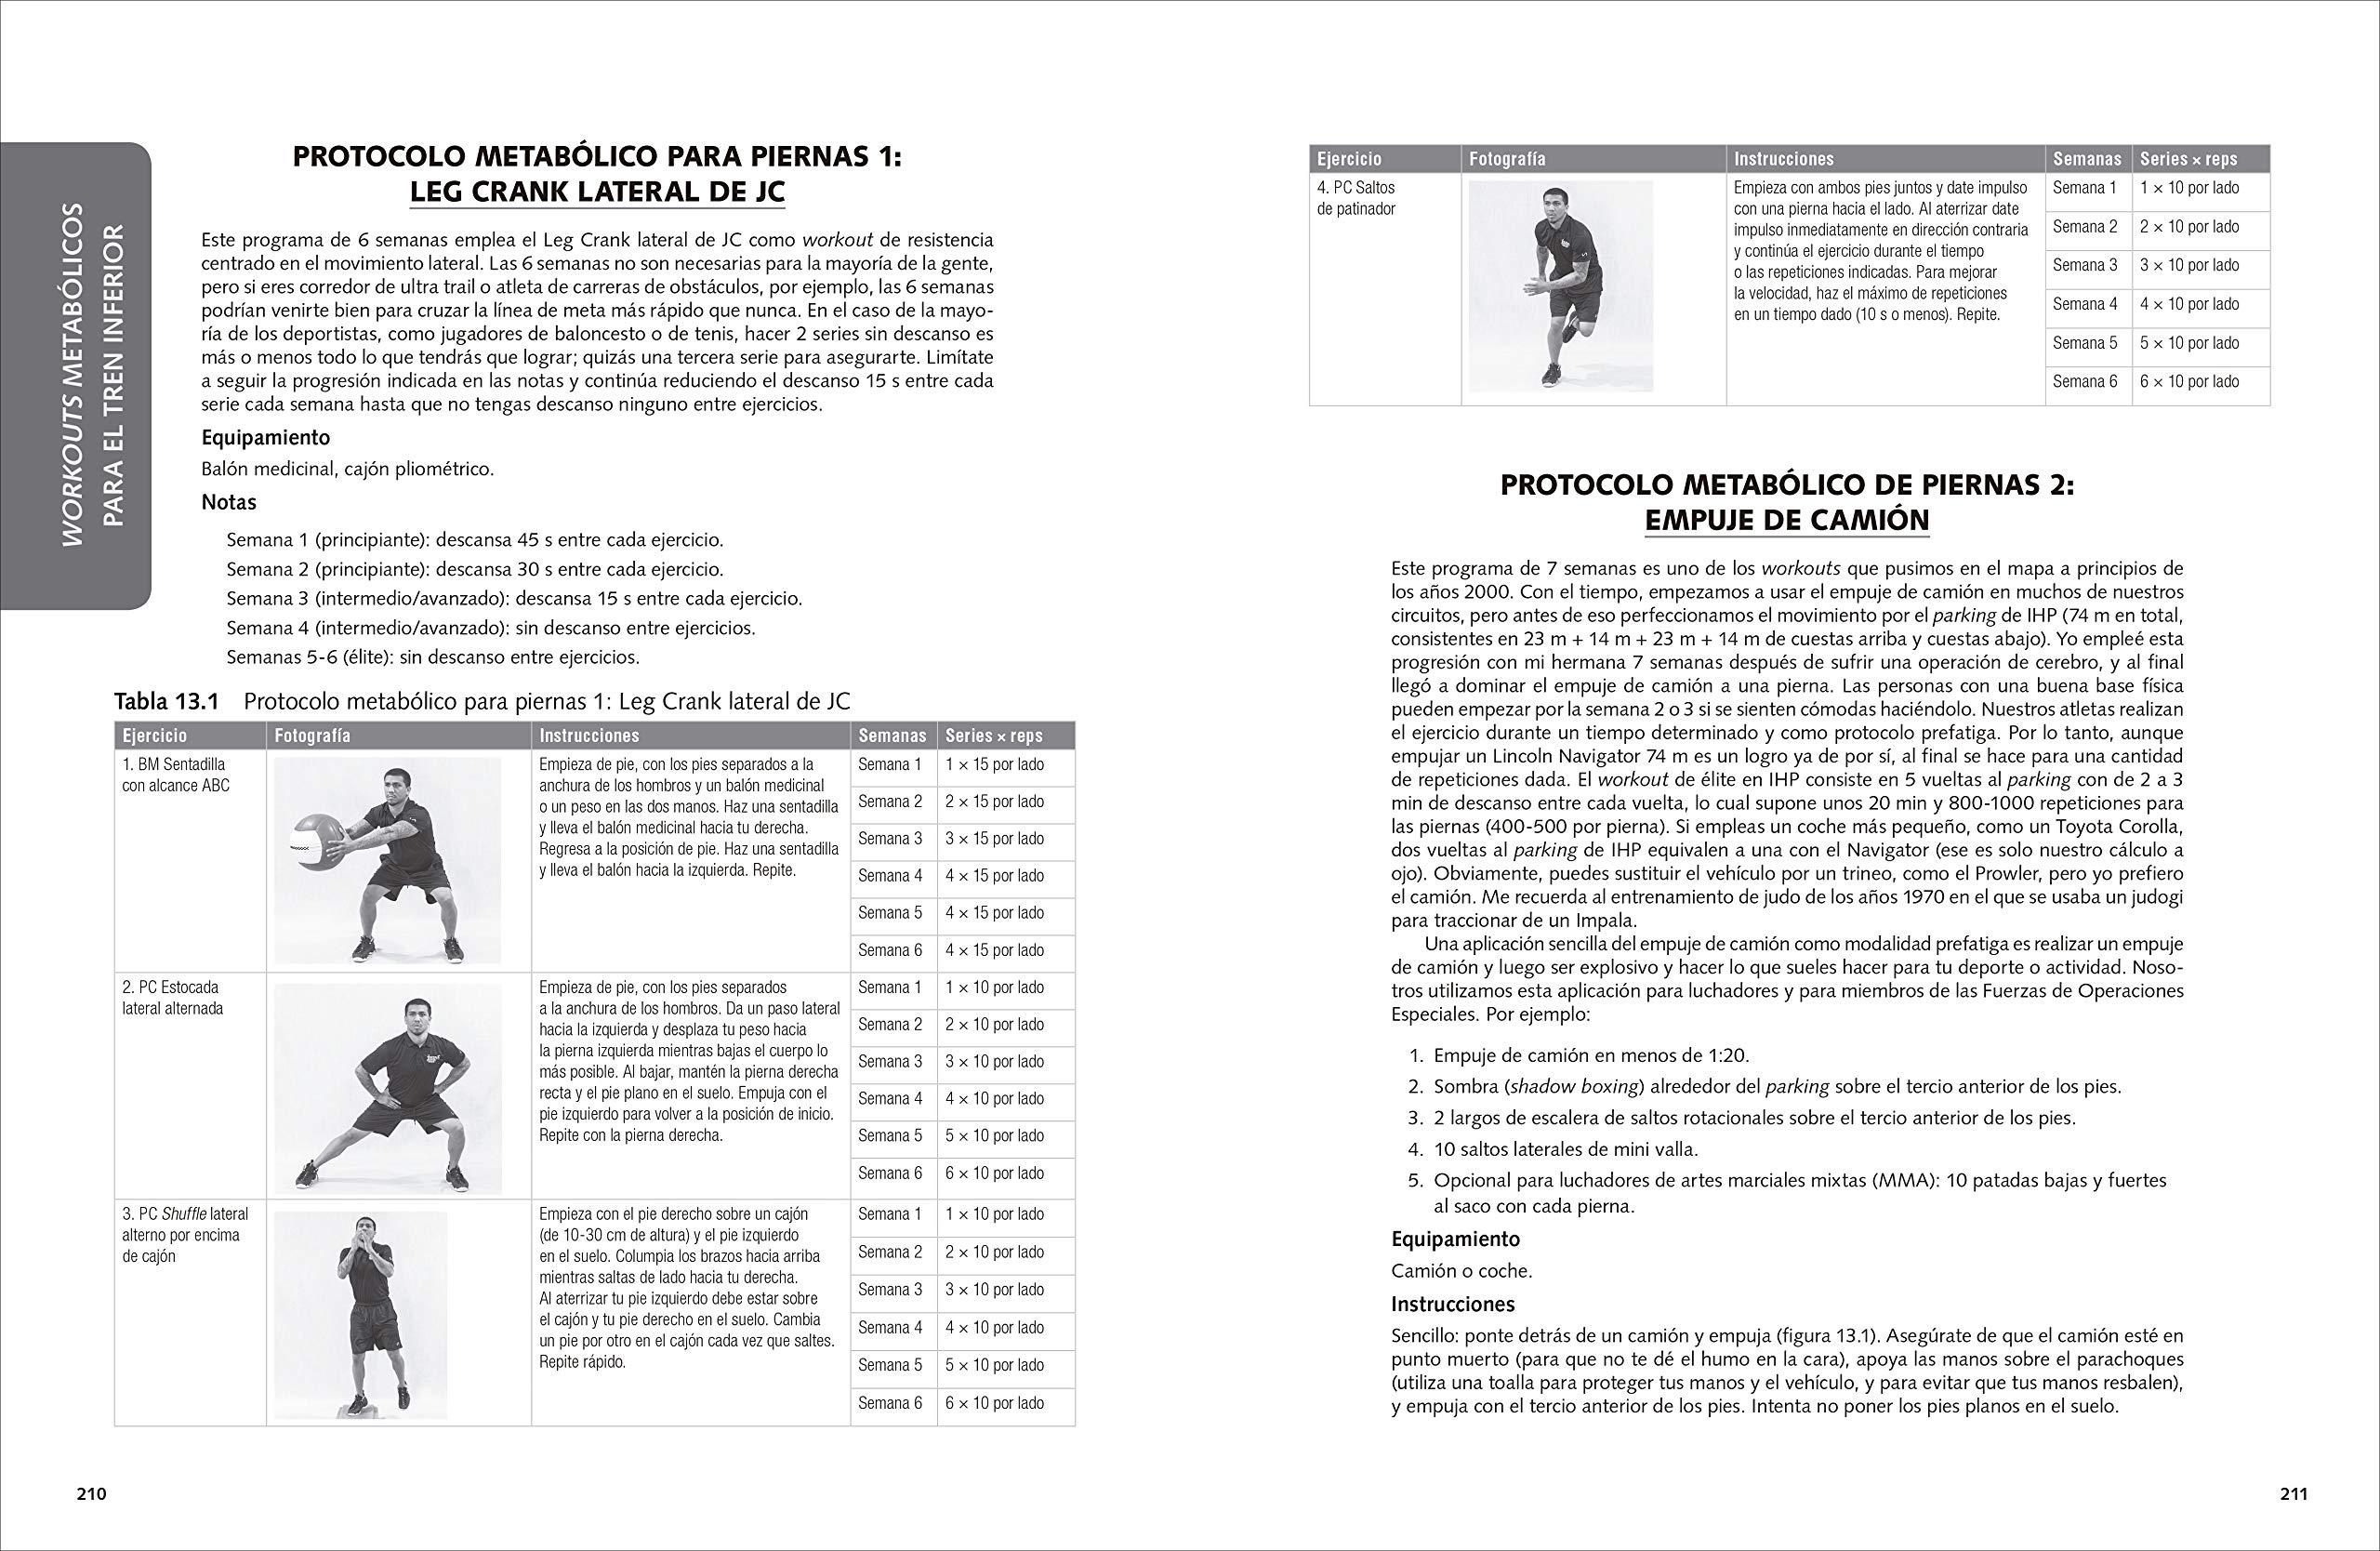 Entrenamiento funcional para transformar todo el cuerpo: Más de 100 workouts para mejorar la fuerza, el acondicionamiento físico y la funcionalidad.: Amazon.es: Santana, Juan Carlos, Aon, Justo, Manso de Zúñiga Spottorno, Guiomar: